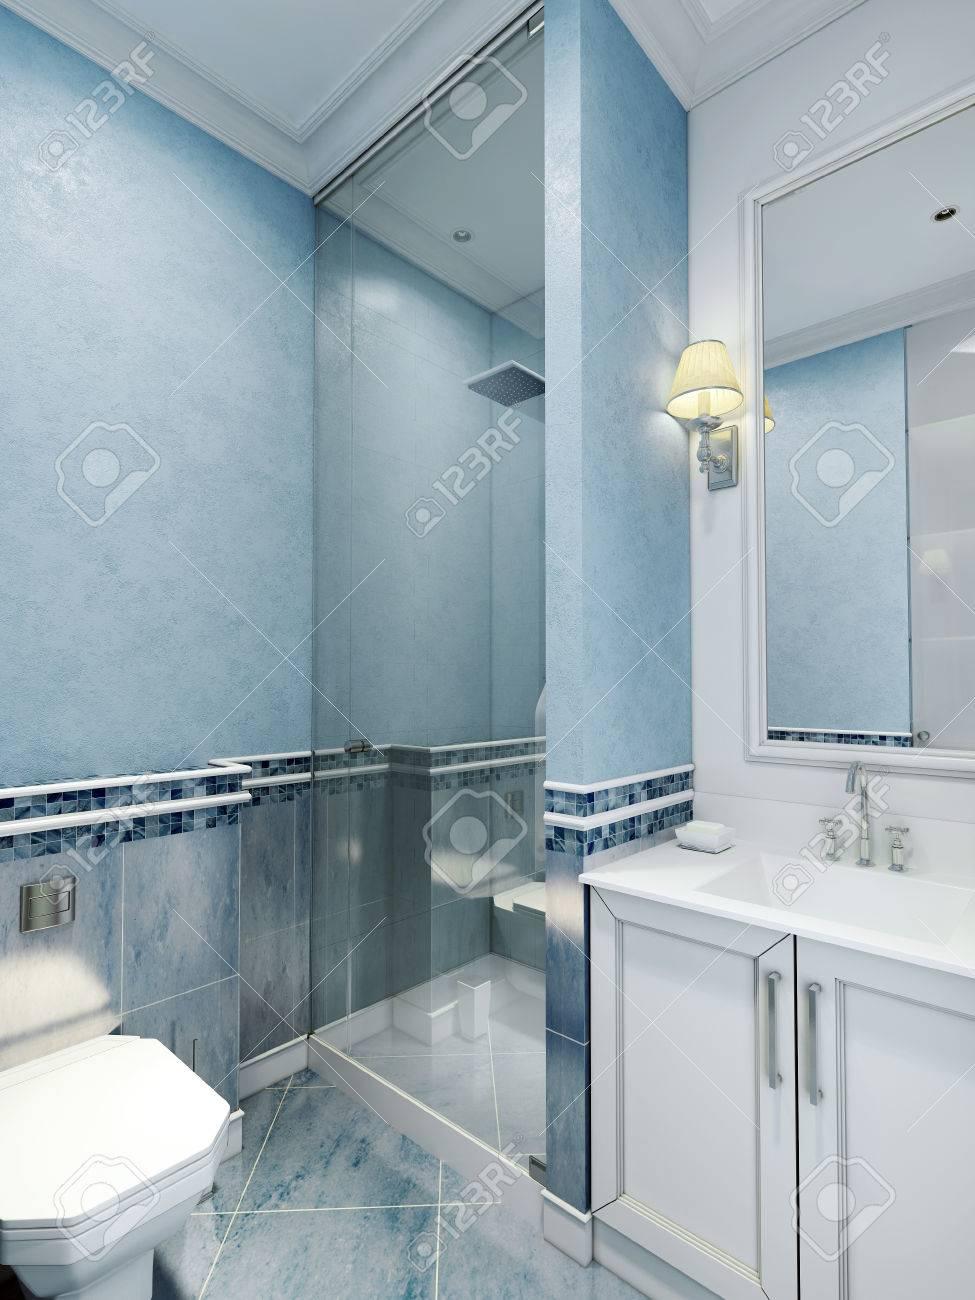 Gestaltung Von Badezimmer Mit Blauen Farbe. Weiße Möbel